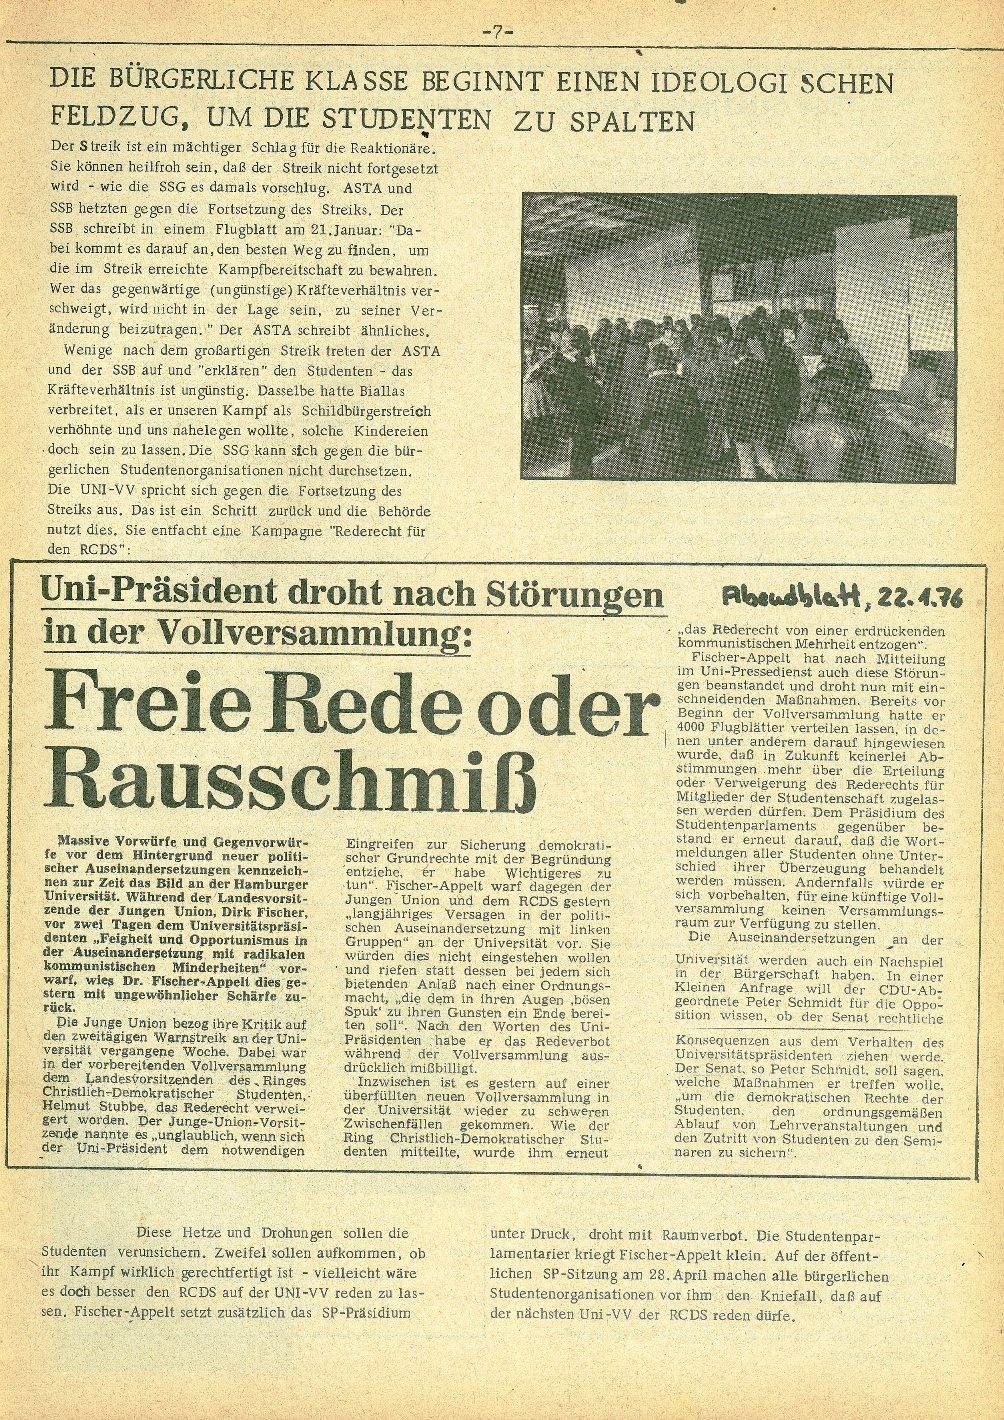 Hamburg_SSG_Regierungsprogramm007